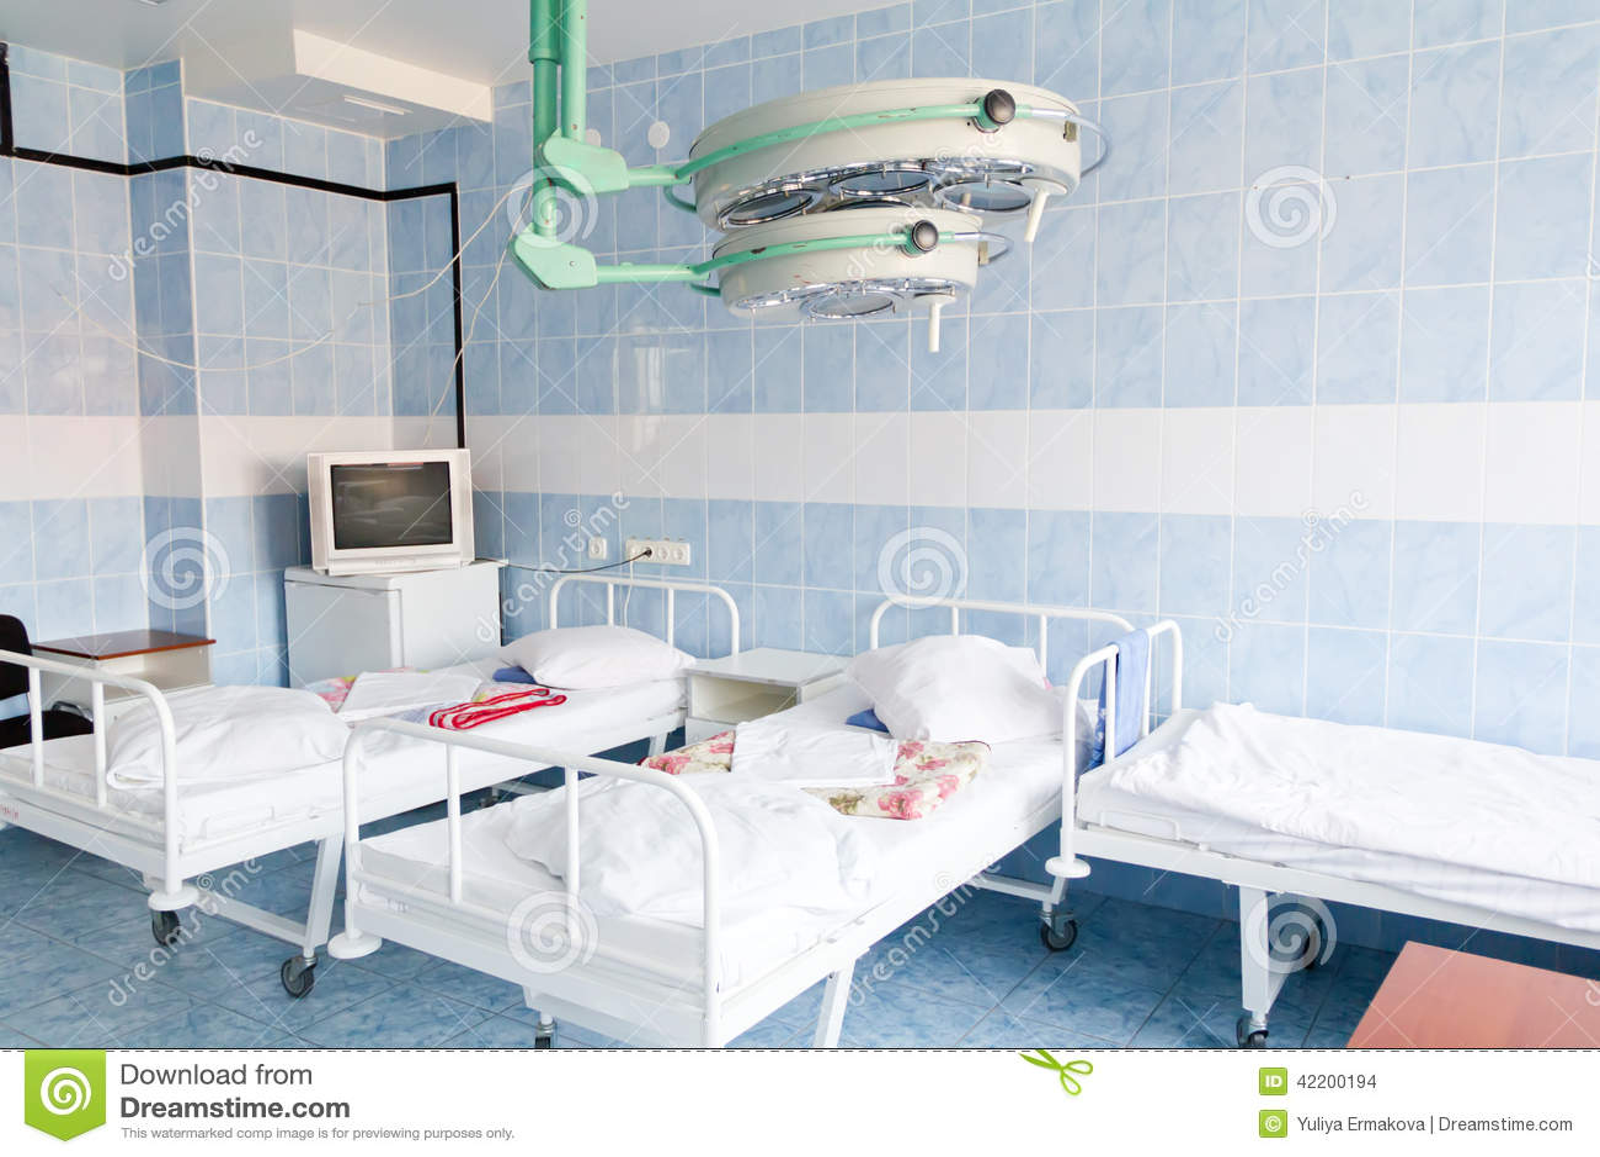 Int rieur de chambre d h pital sans malades for Chambre d hopital